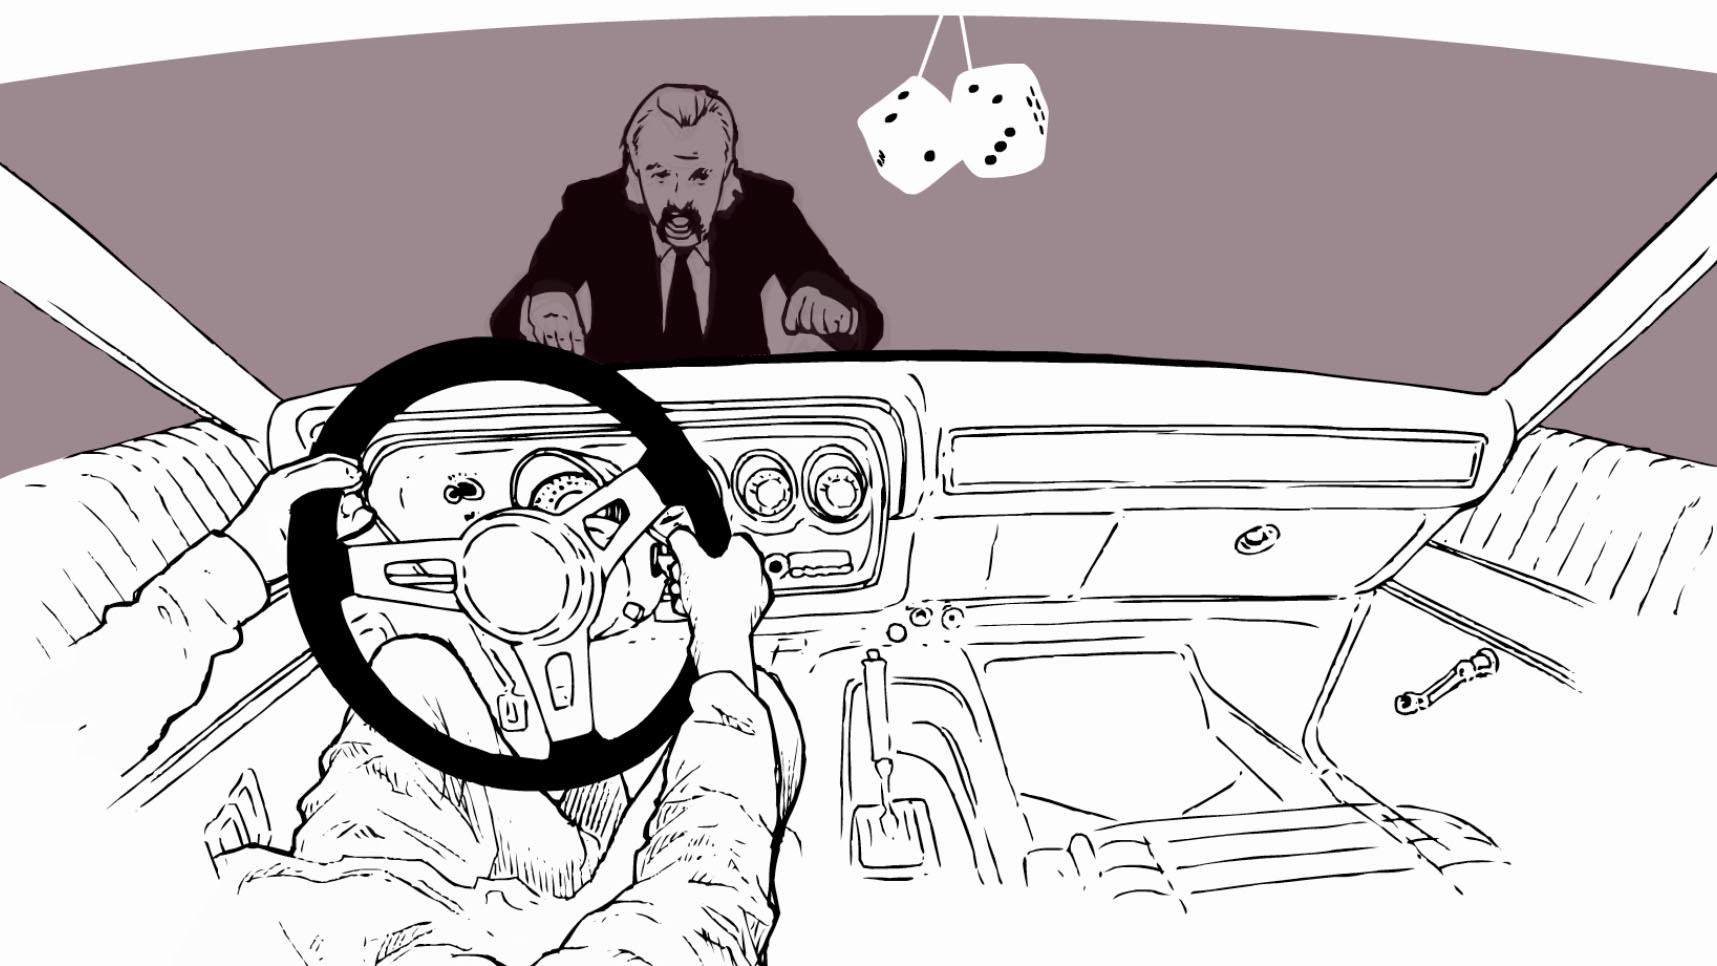 Korte animatie door Han Hoogerbrugge 'Nuisance'